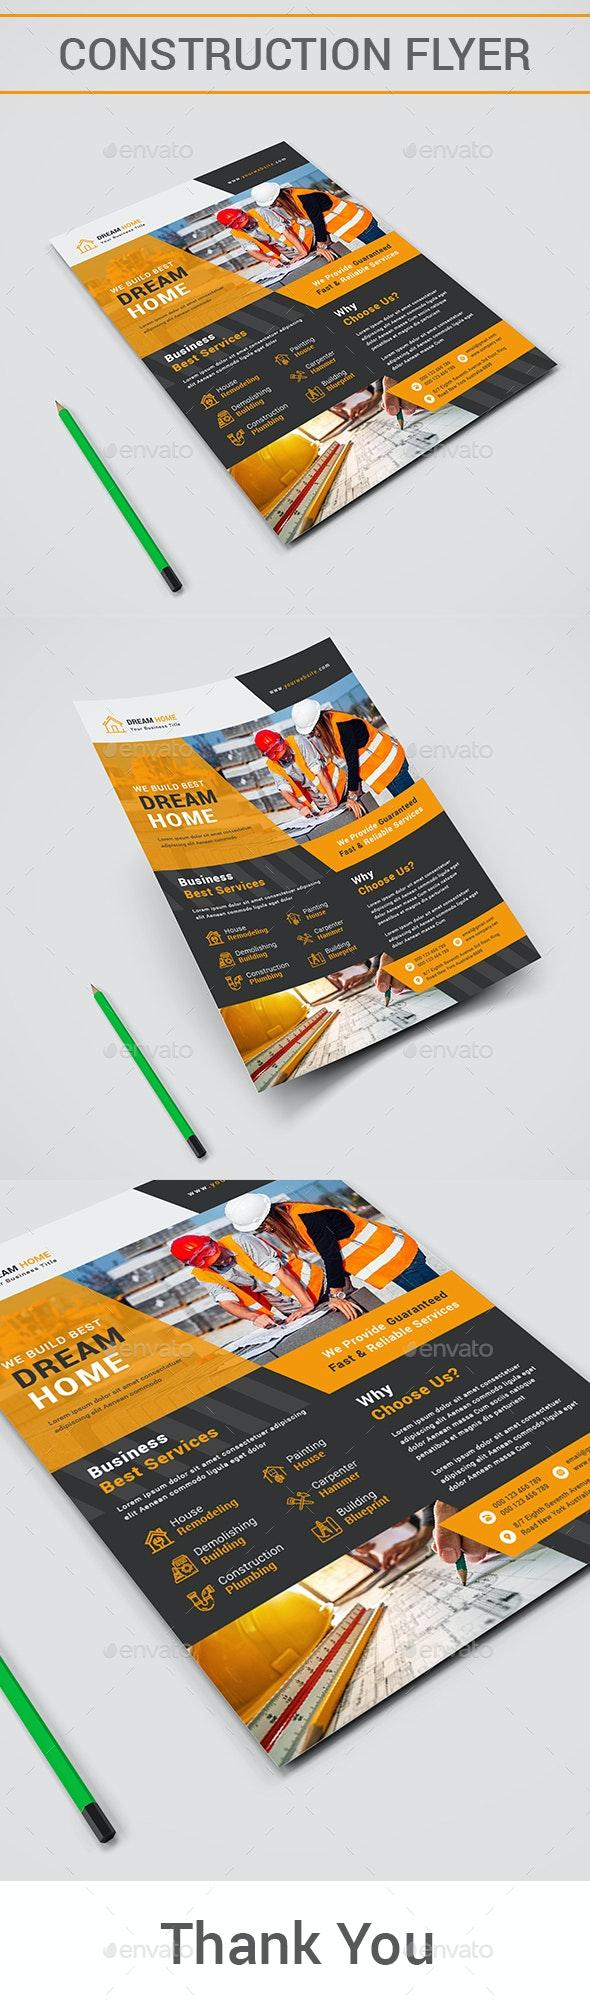 Construction Flyer - Corporate Brochures